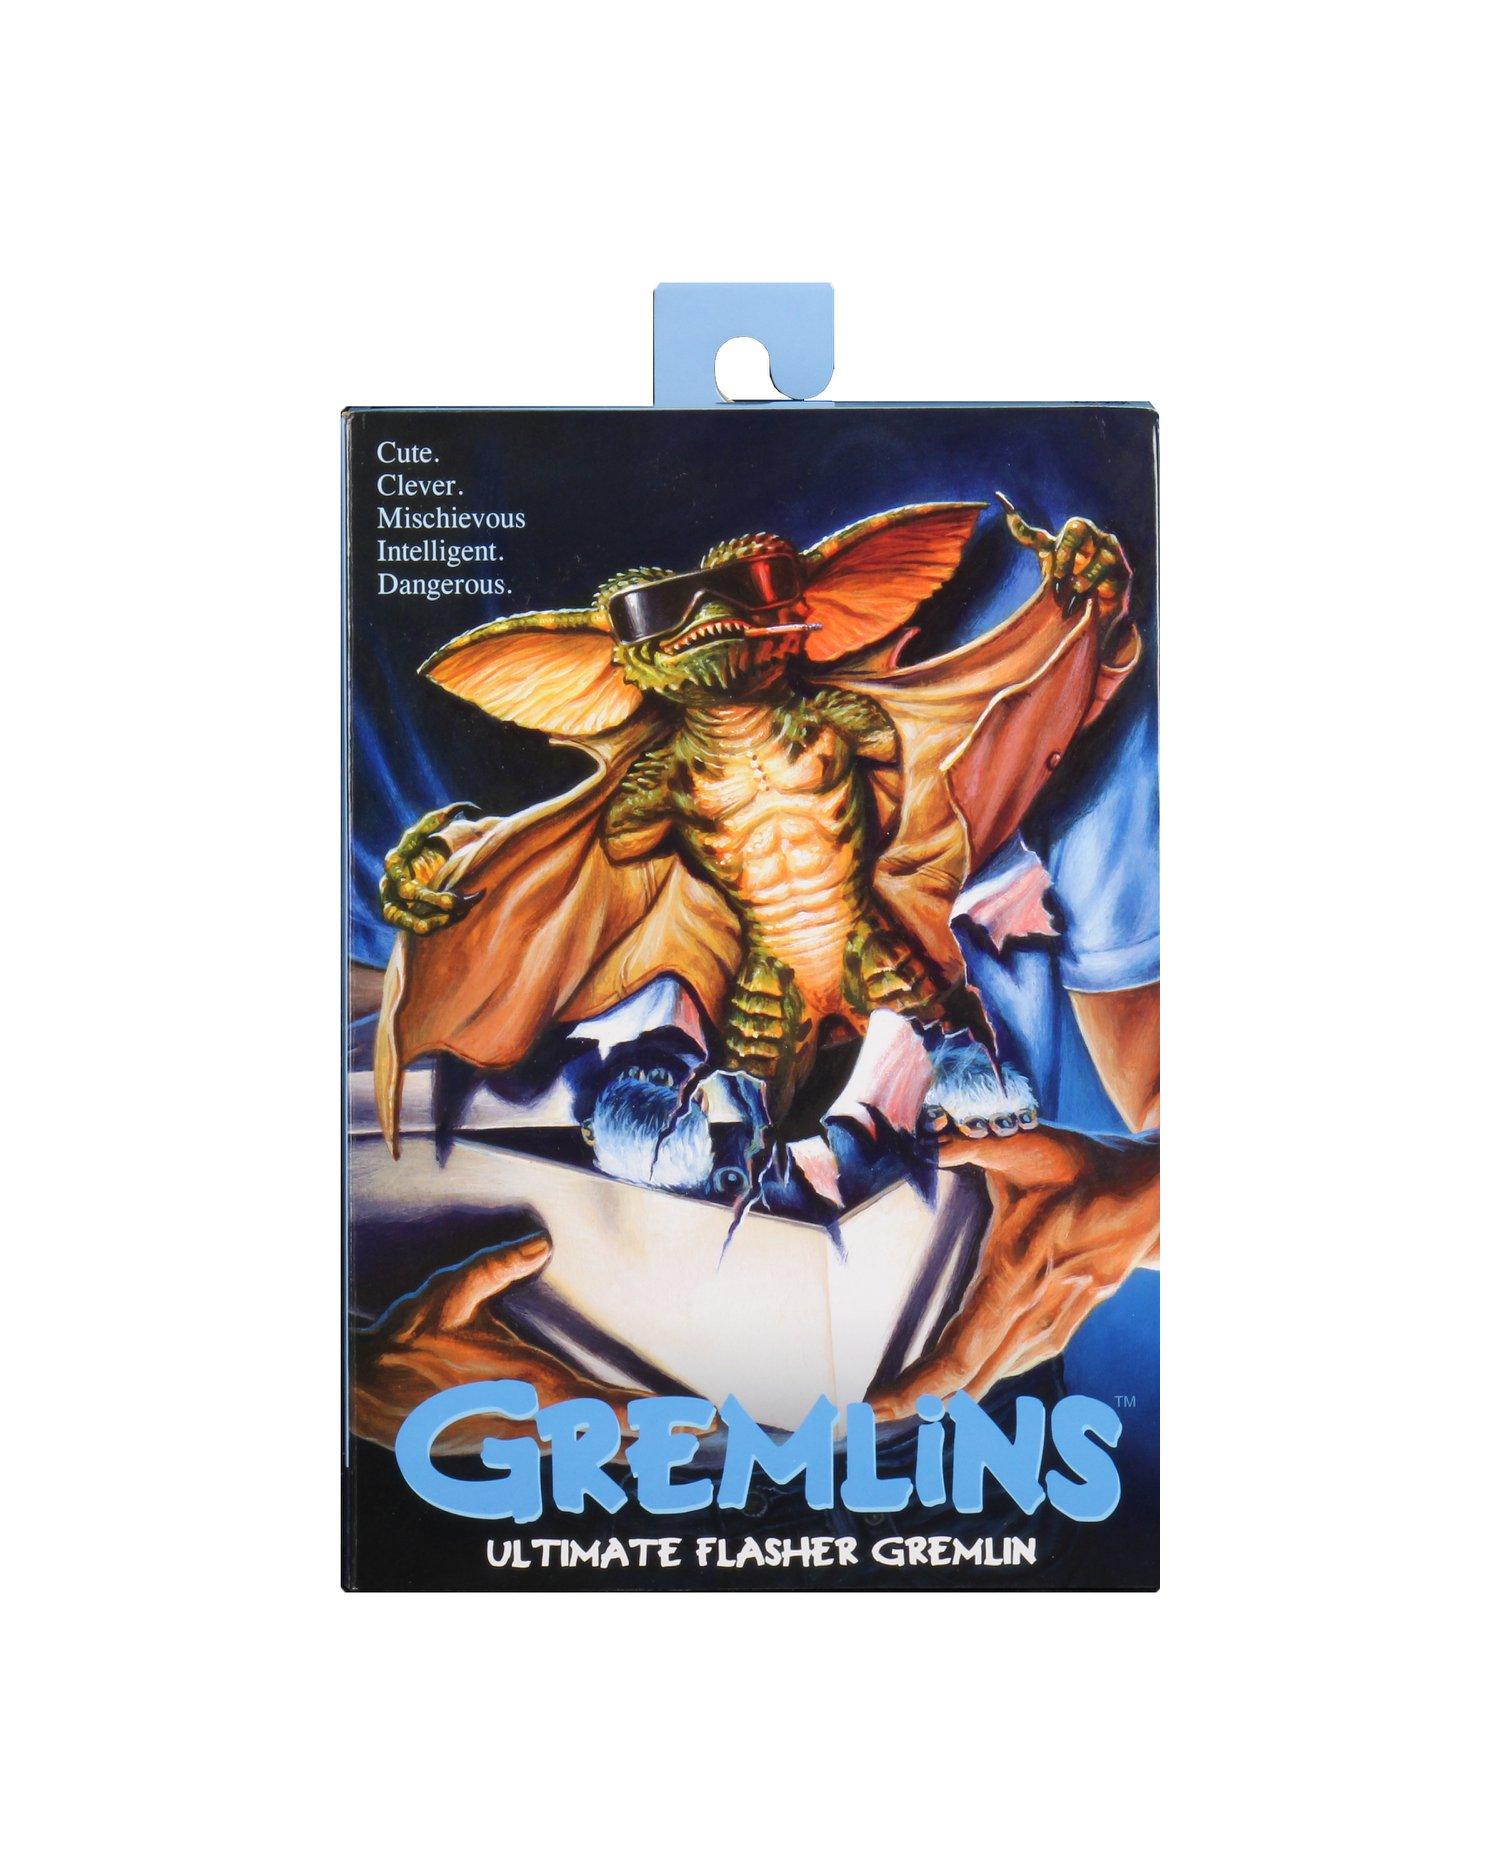 Boneco Action Figure Ultimate Flasher Gremlin 7'' - Gremlins - Neca